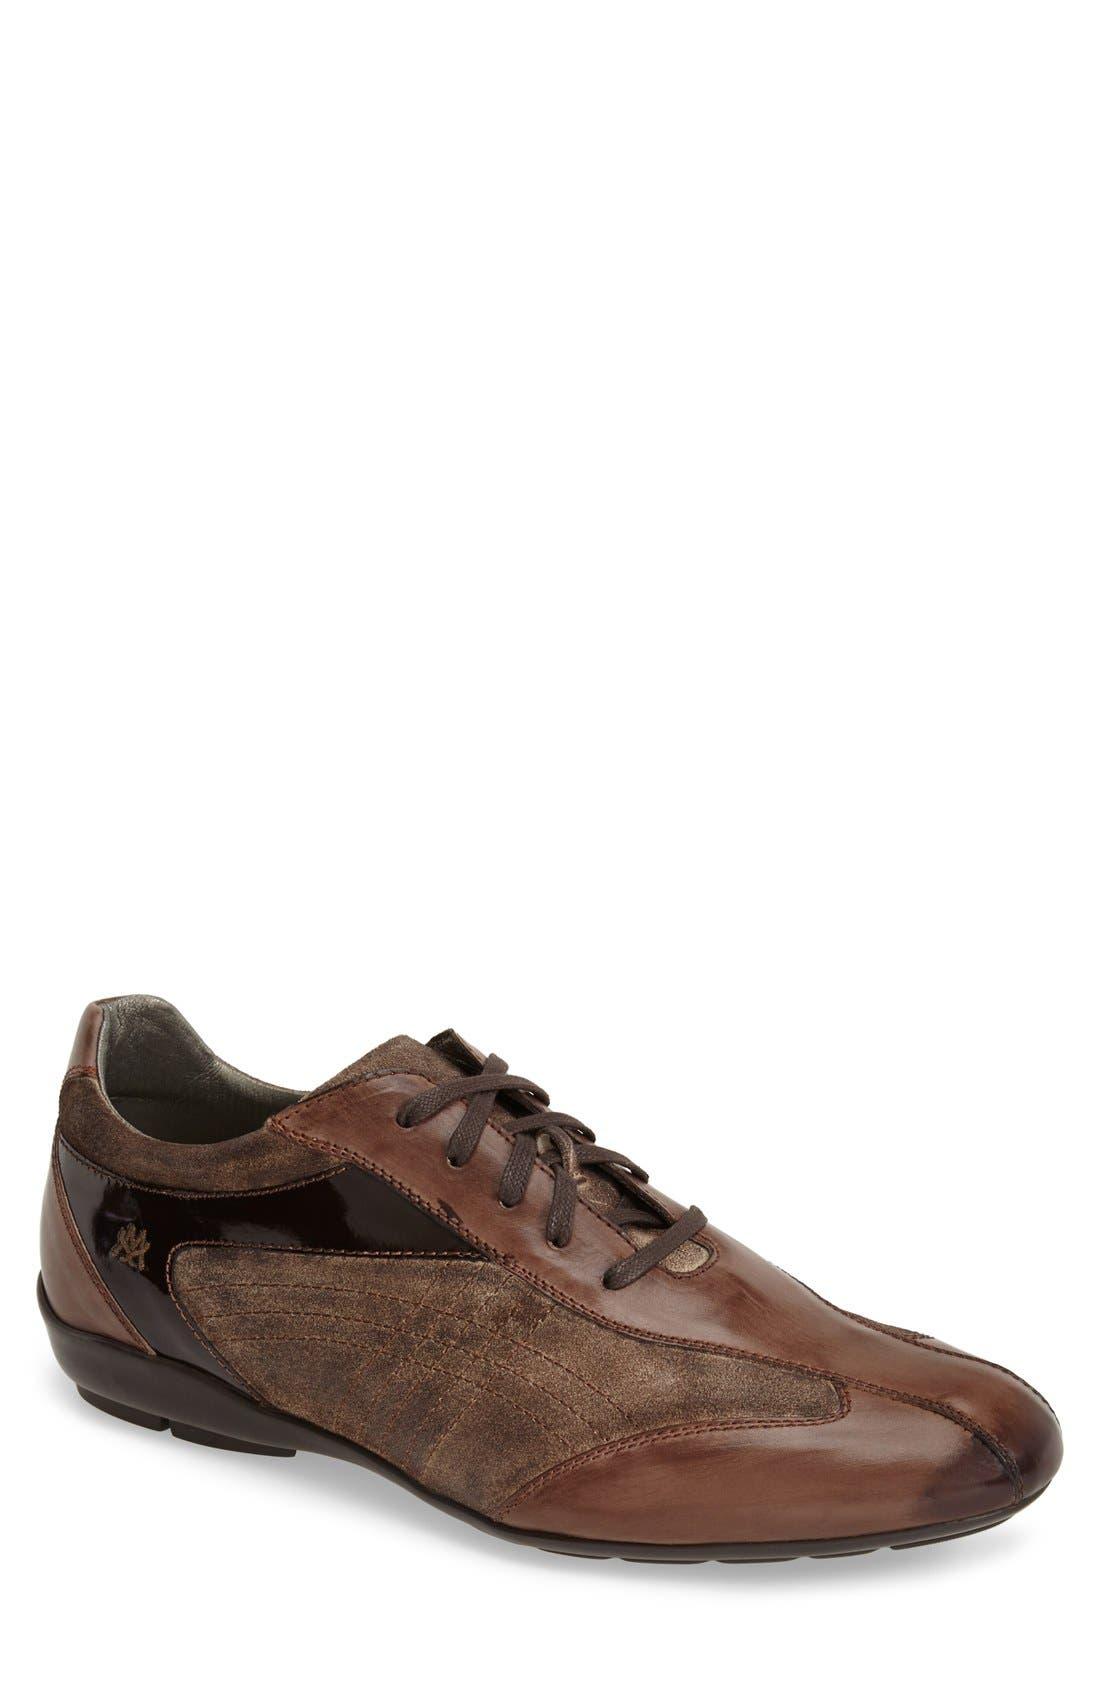 'Vega' Sneaker, Mocha/ Taupe